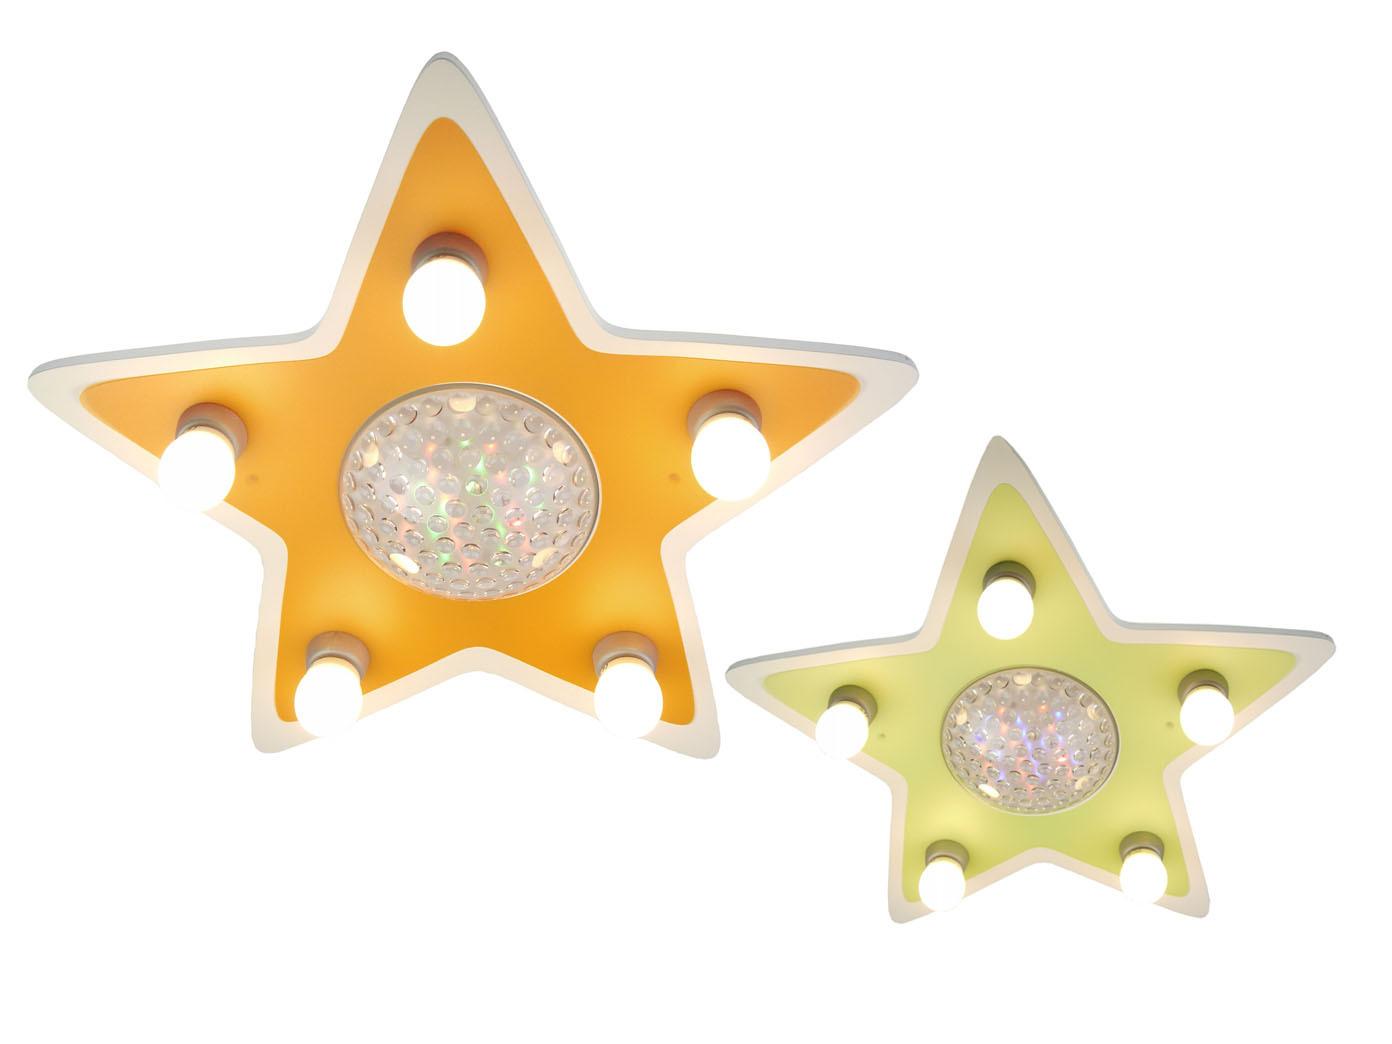 Kinder deckenleuchte stern lampe kinderzimmer 4 farben for Deckenleuchte lampe